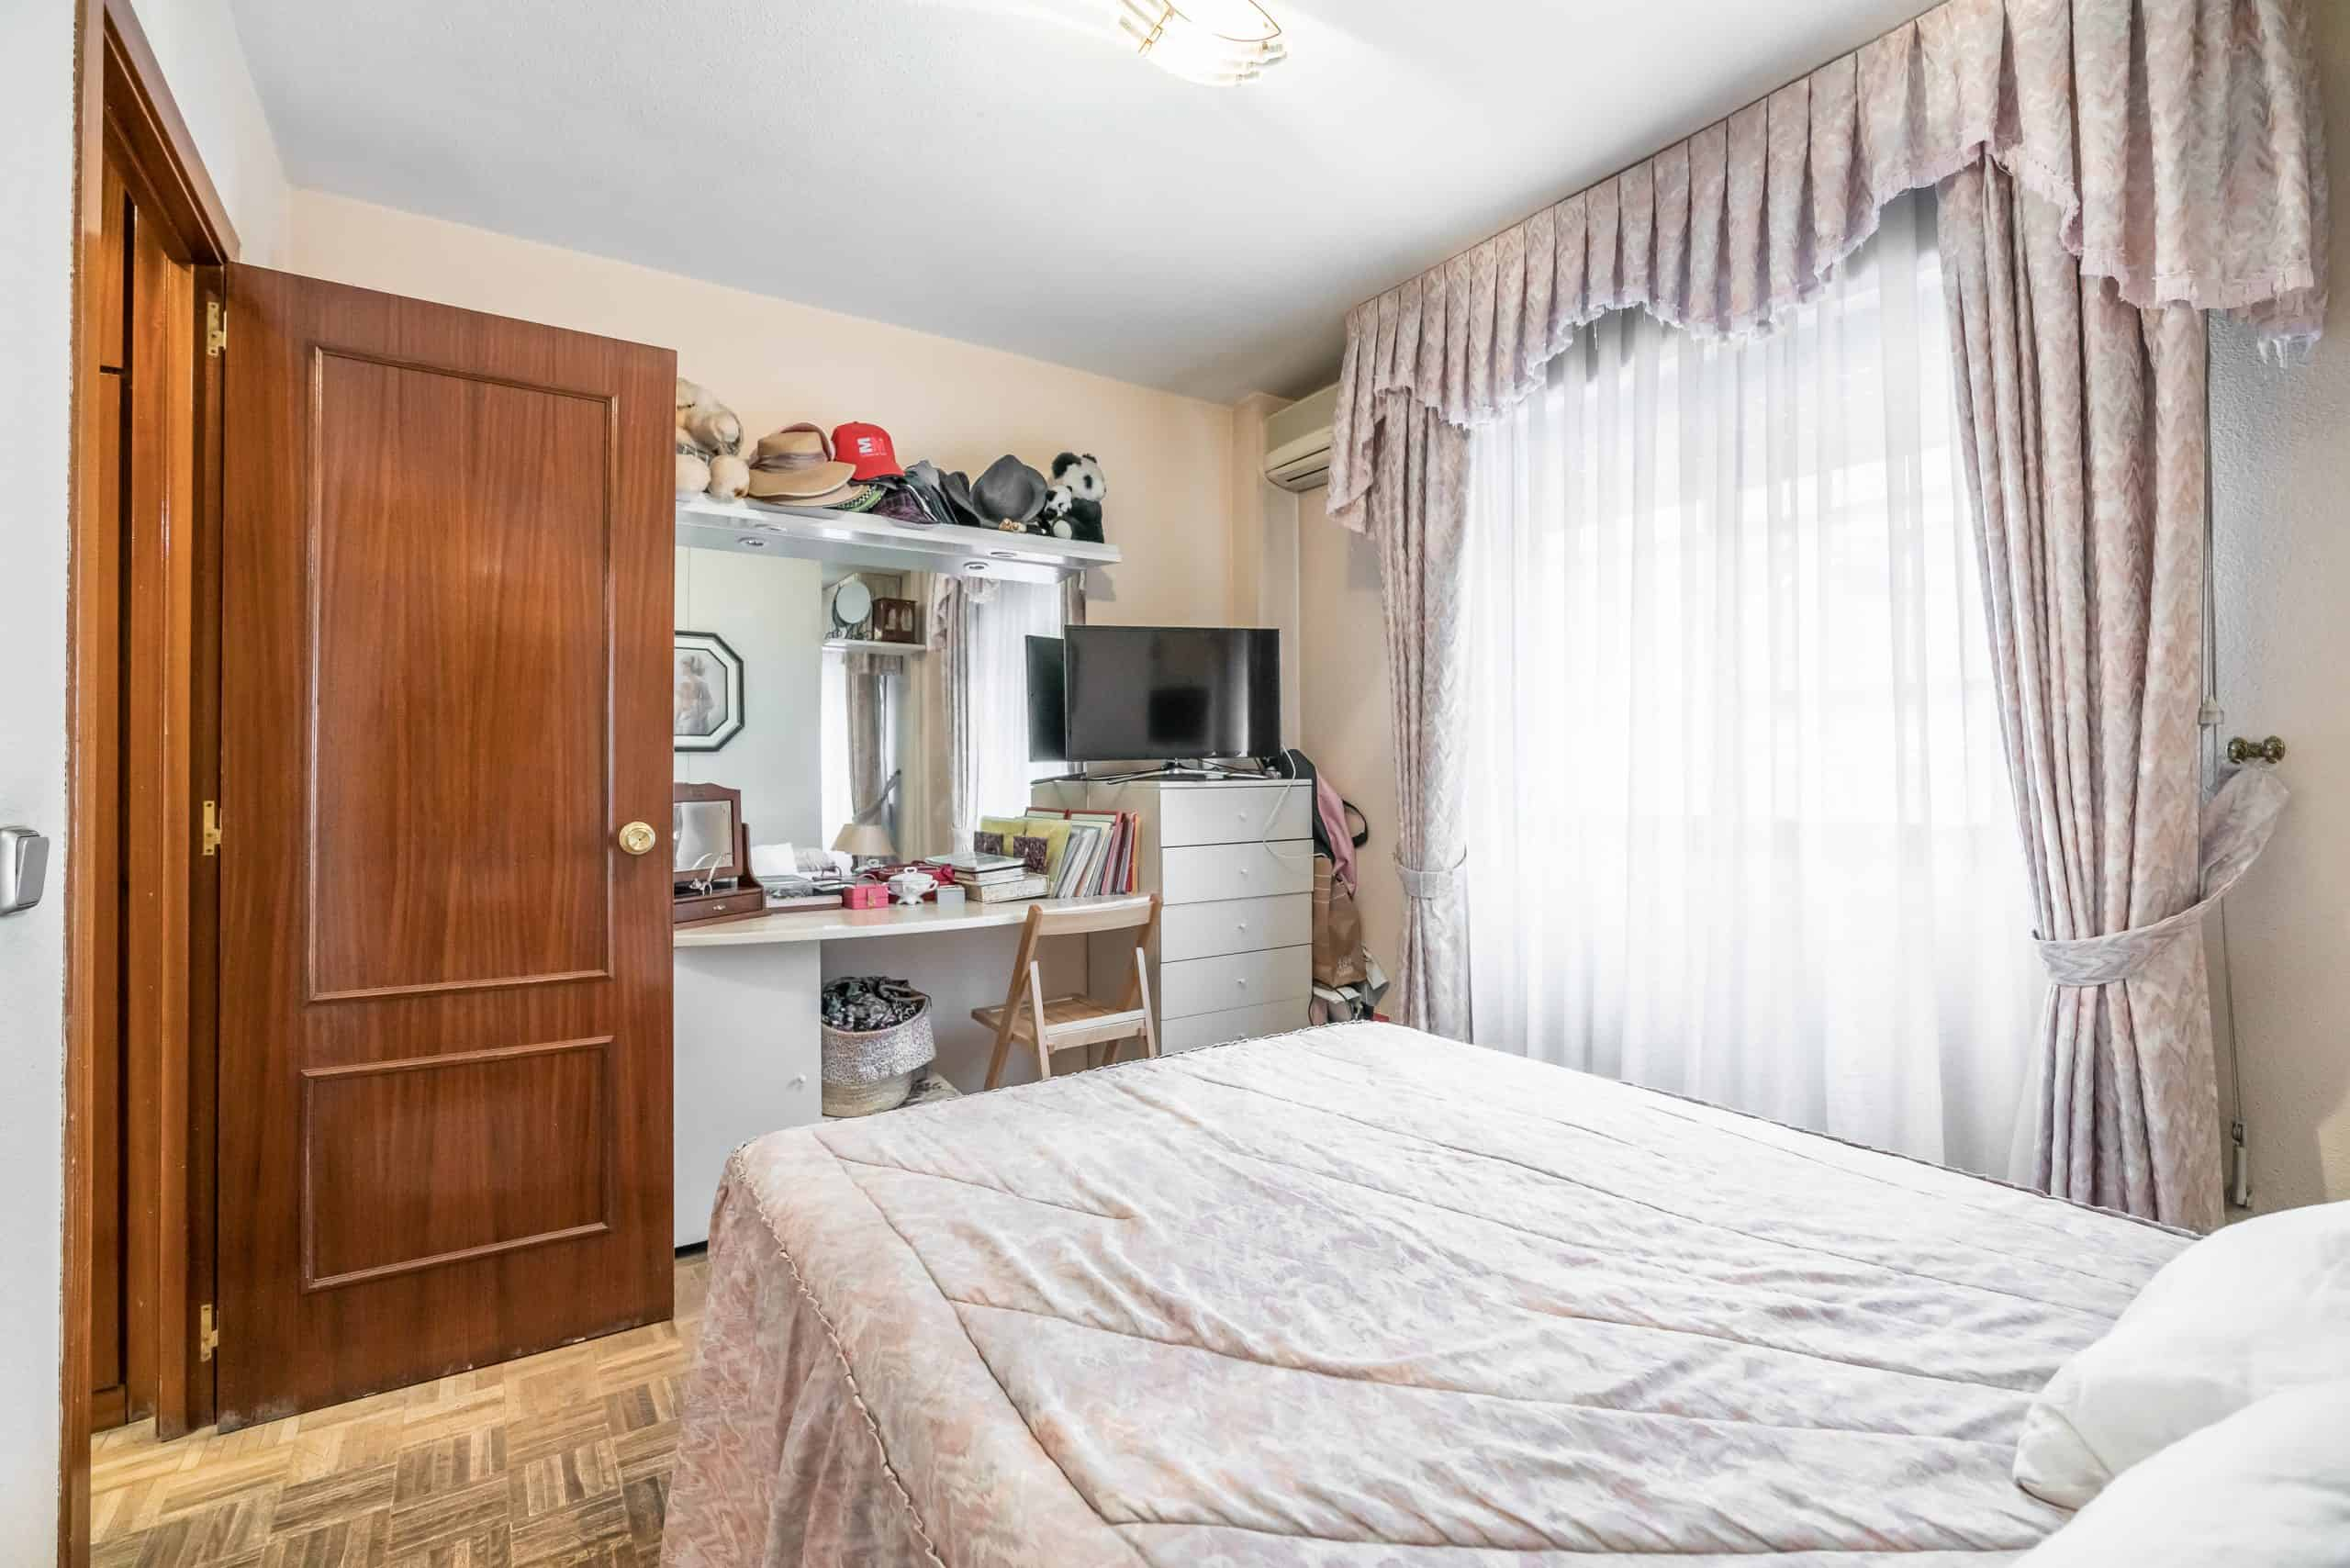 Agencia Inmobiliaria de Madrid-FUTUROCASA-Calle Unanimidad DORMITORIO1 (4)